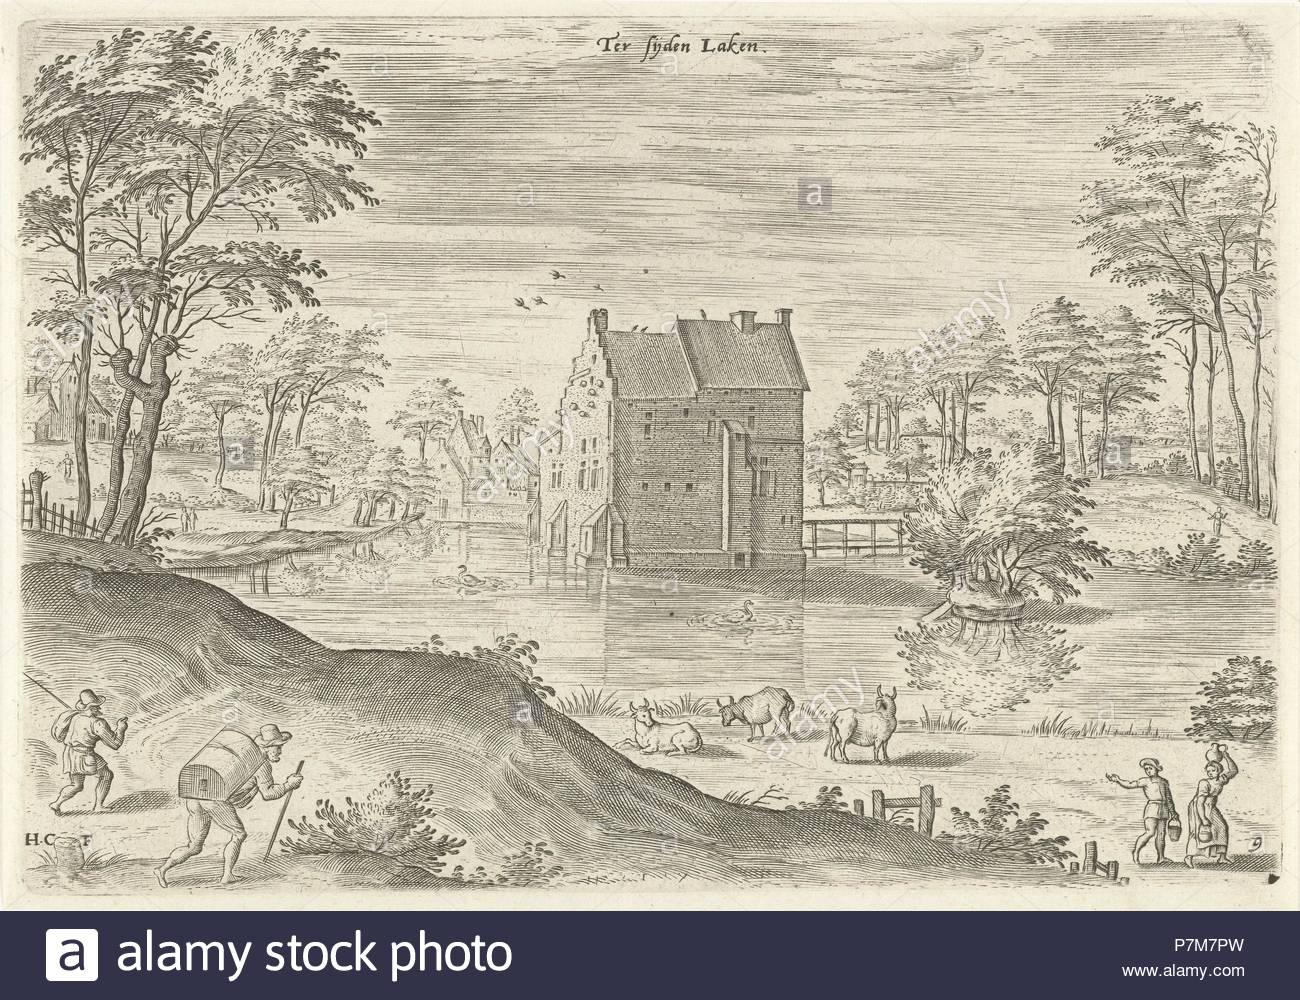 Castle Coensborg in Laken, Hans Collaert I, Hans Bol, Claes Jansz. Visscher II, 1530-1580. - Stock Image